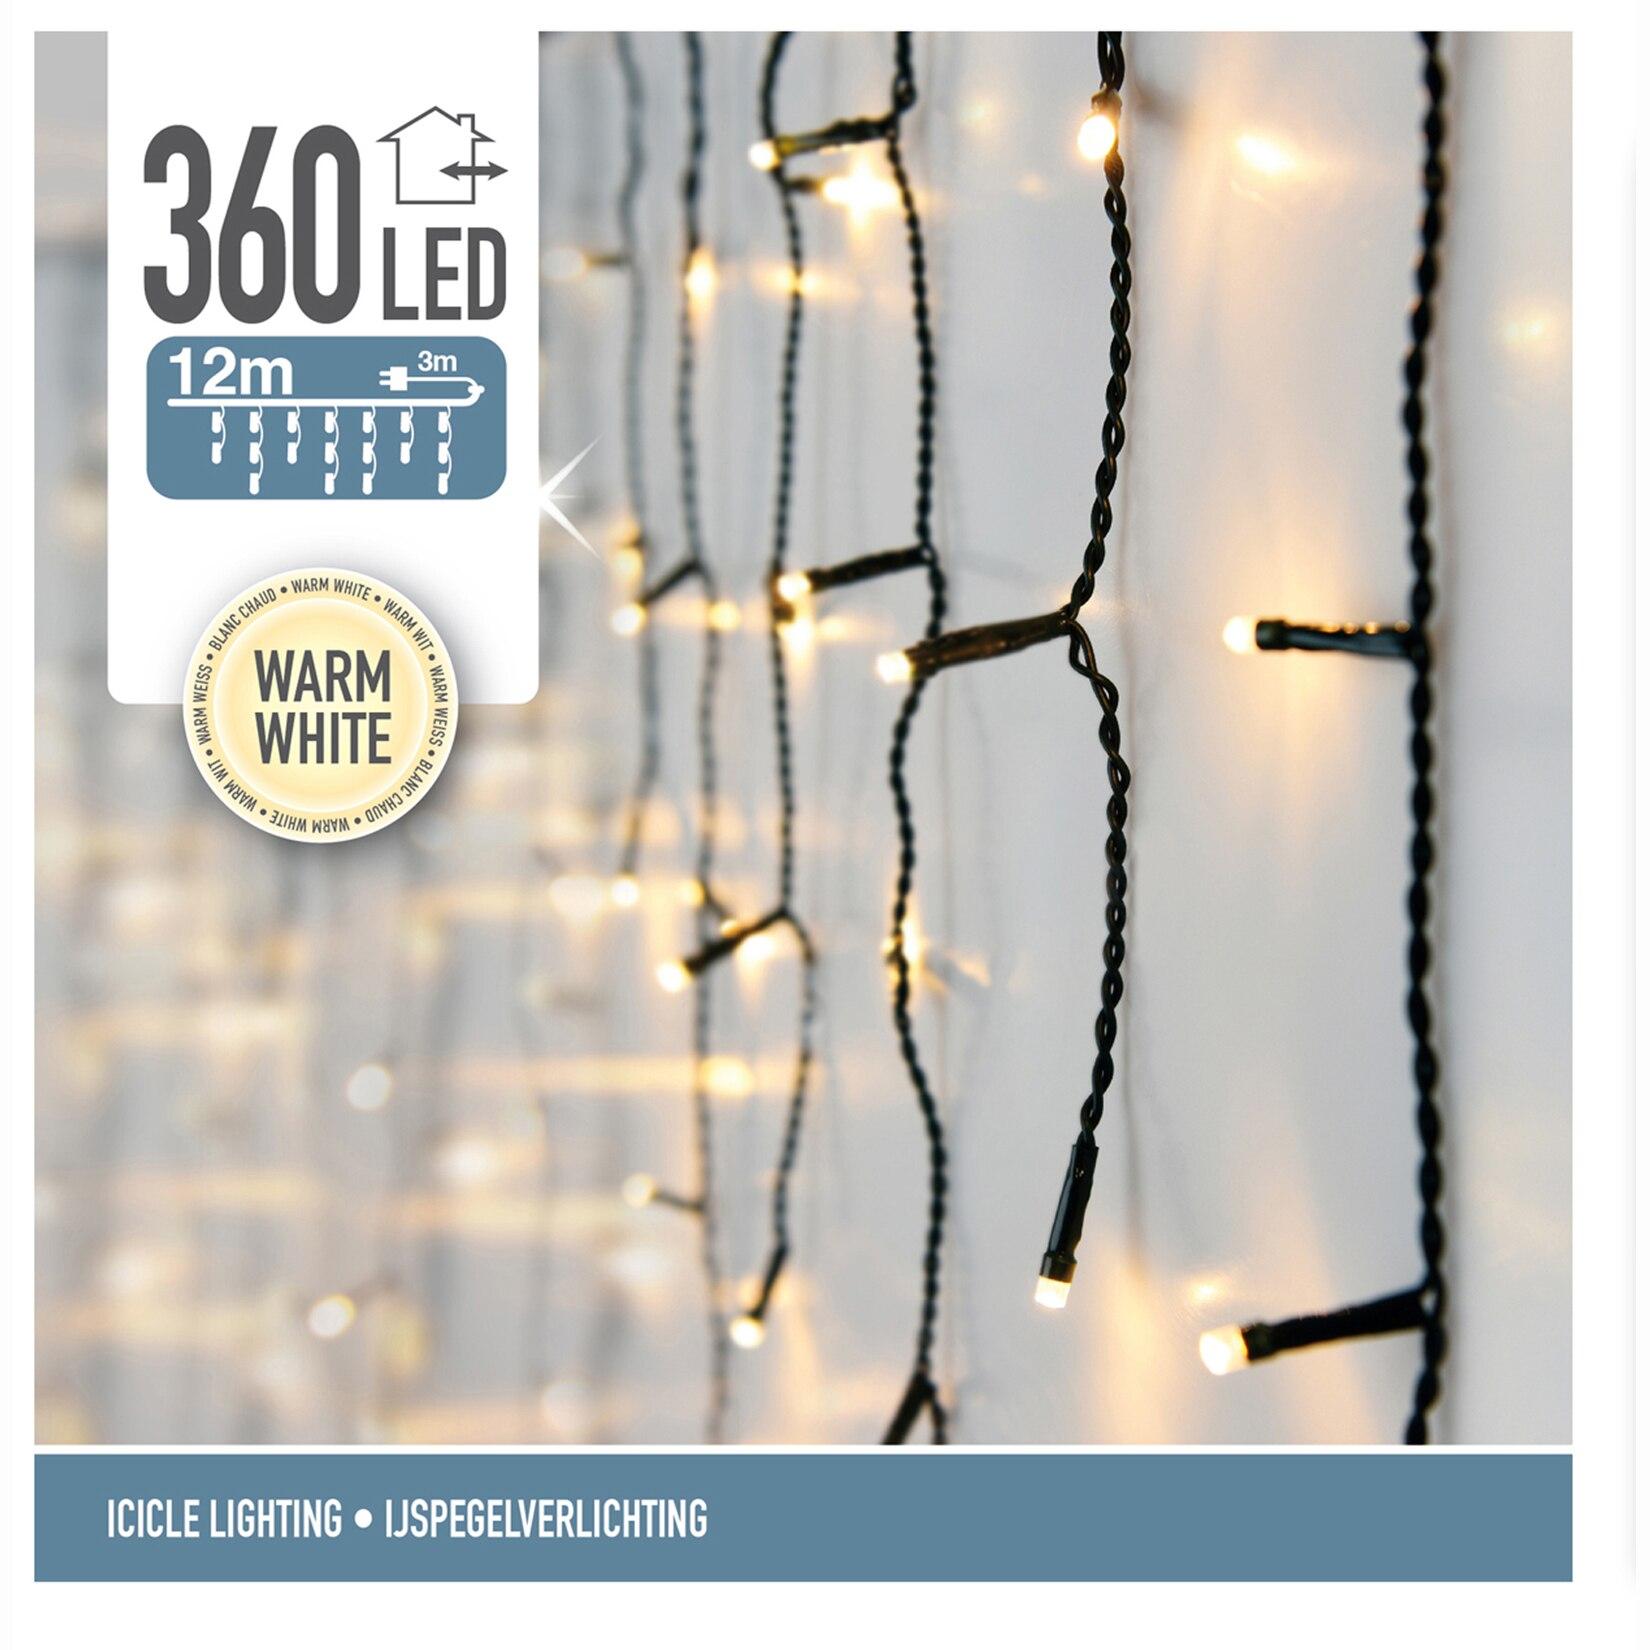 Fotografie Instalatie Craciun outdoor tip turturi eNoelle, 360 LEDuri, 12 m, lumina calda, cablu alimentare 3 m